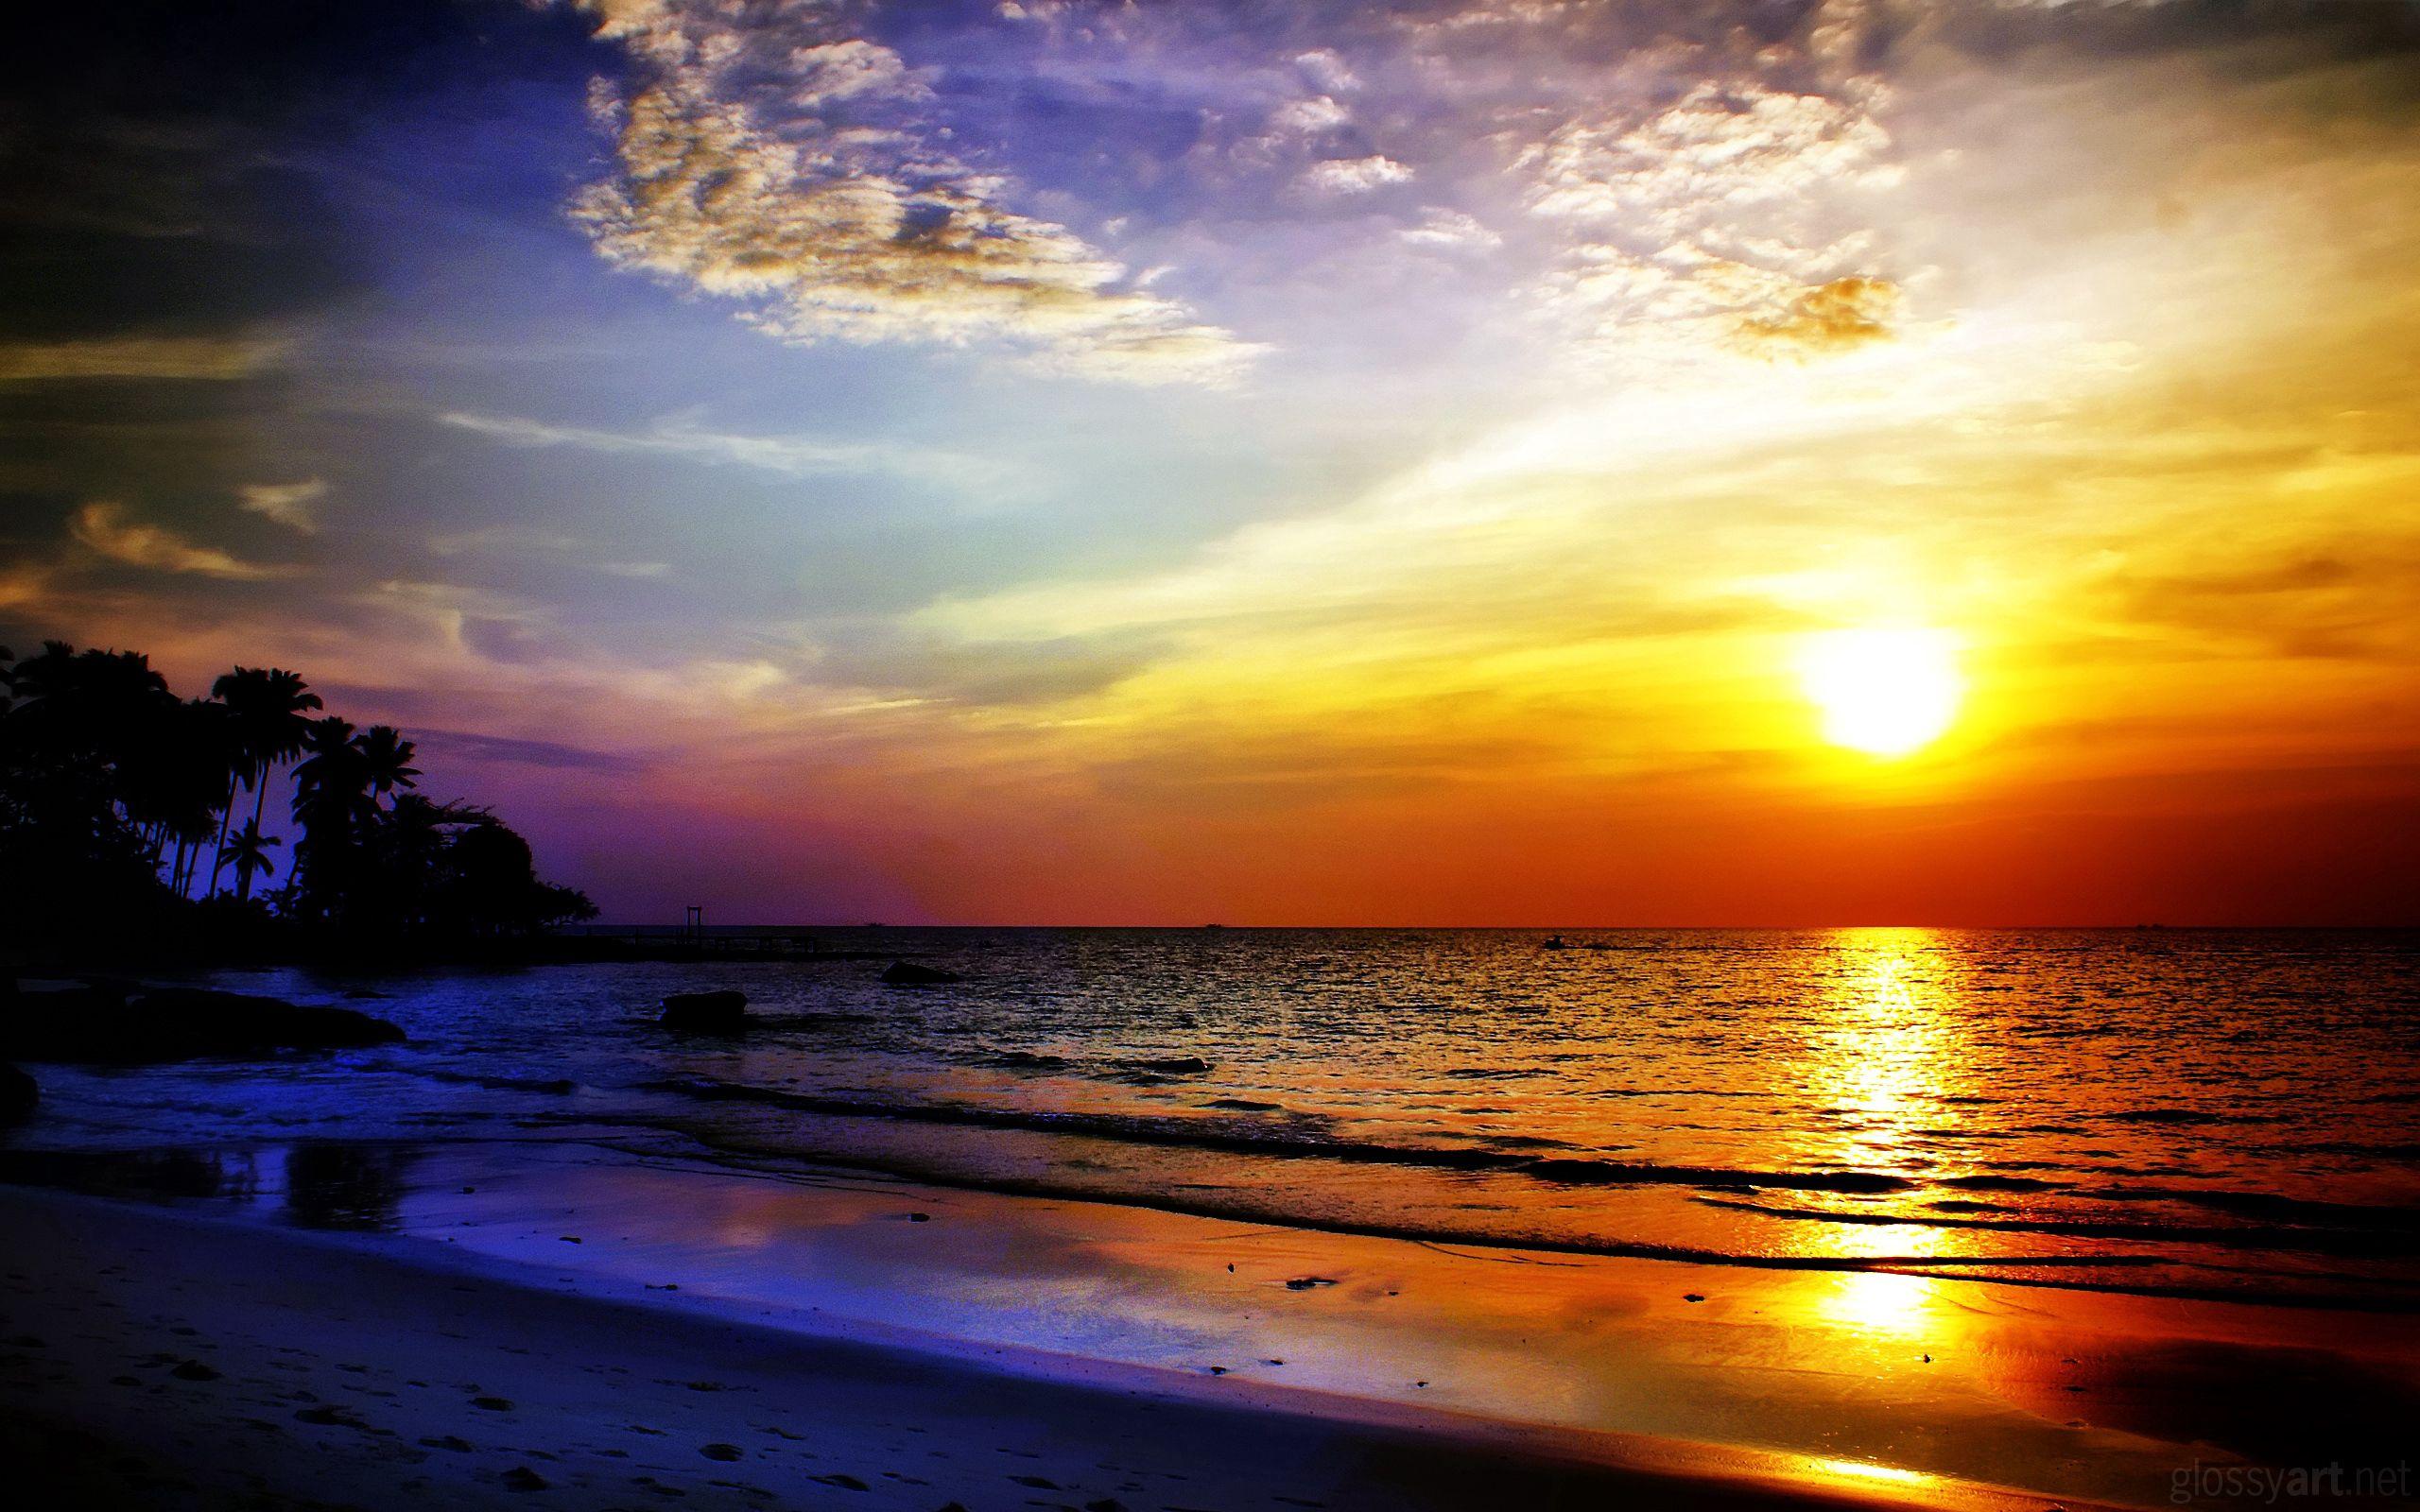 120451 скачать обои Природа, Море, Закат, Пейзаж - заставки и картинки бесплатно